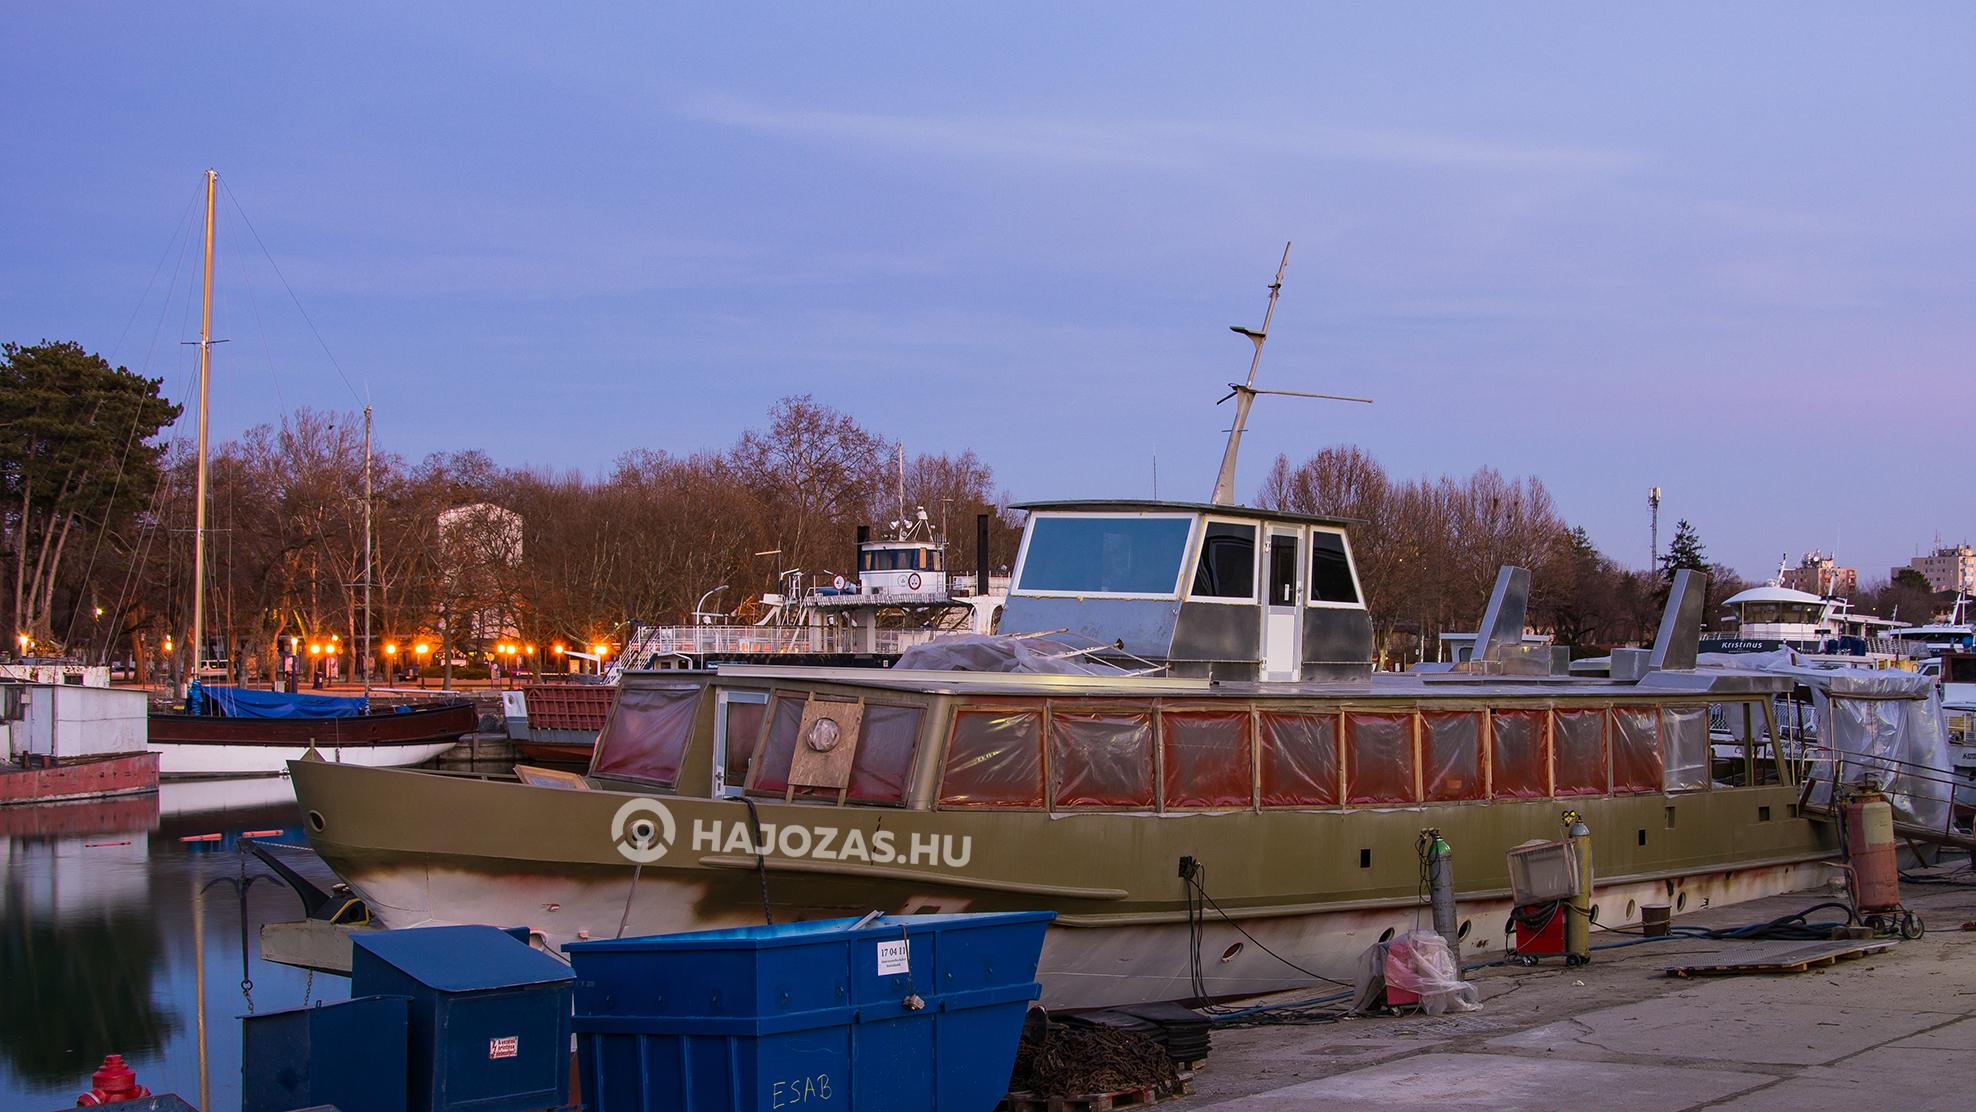 sailing-boat-nemzeti-regatta-felujitas-beatrix-siofok-balatoni-hajozasi-zrt-utasszallito-hajo-balaton-hajozashu-siofok